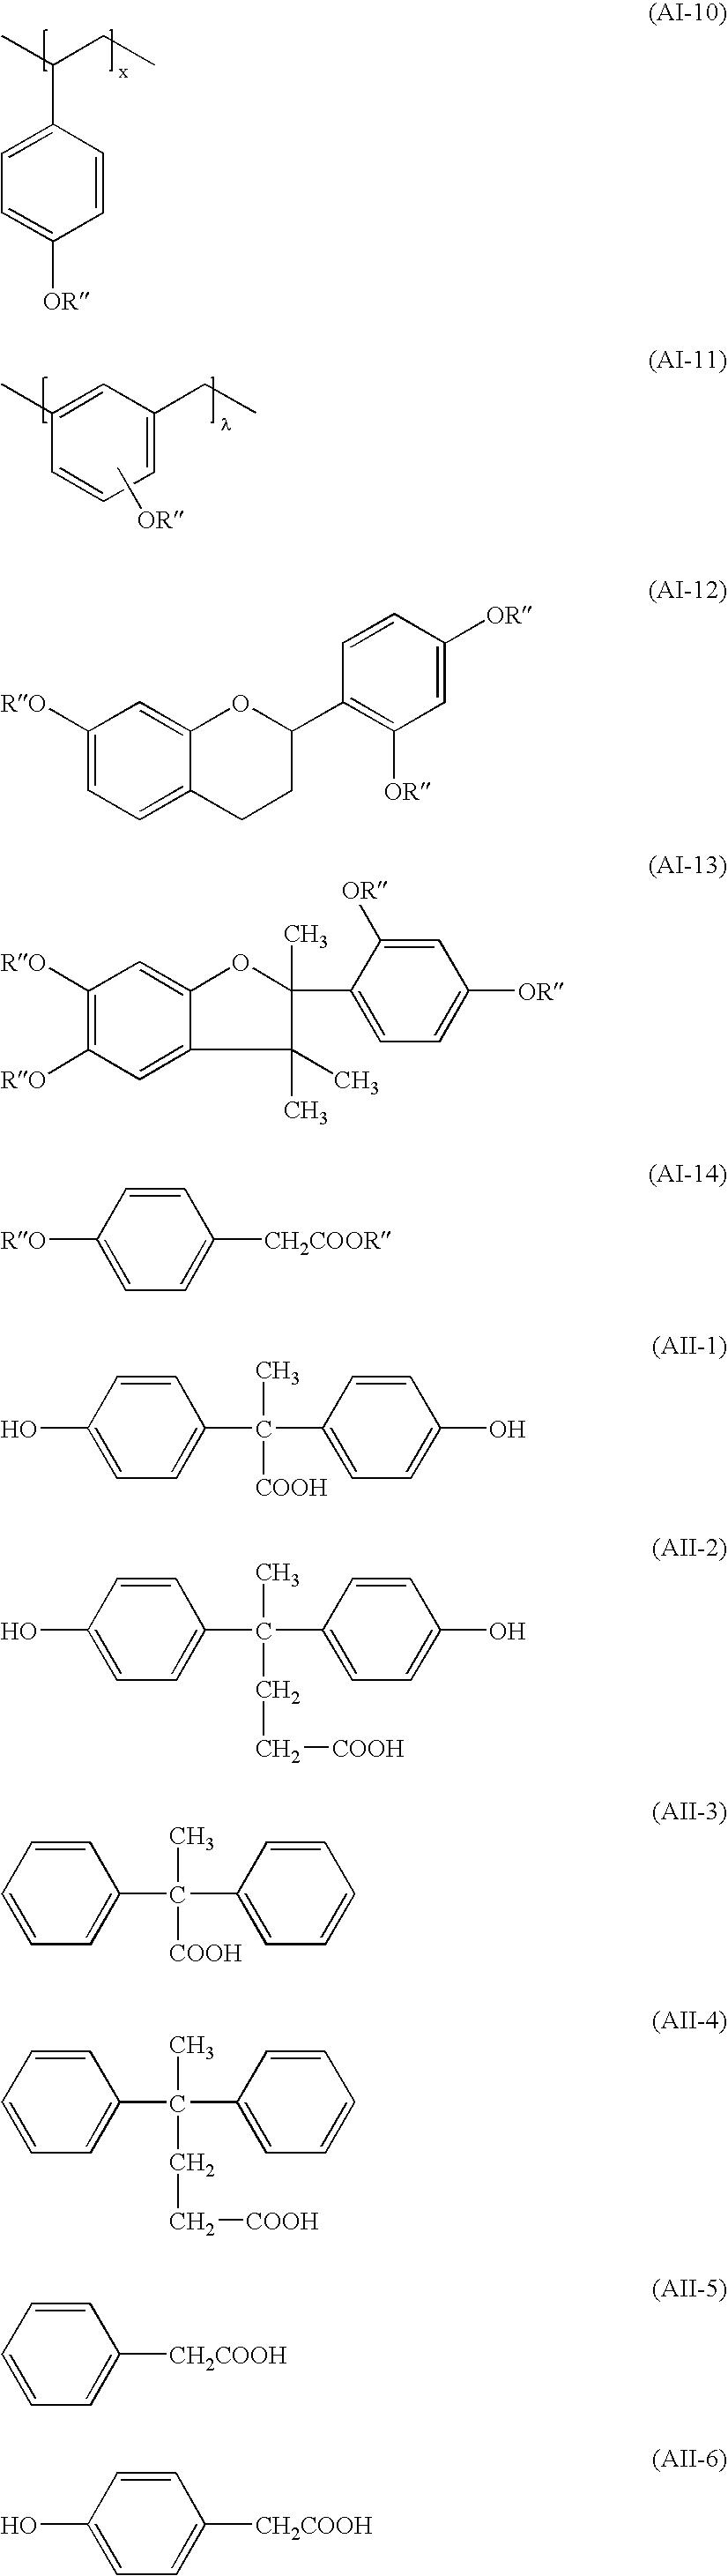 Figure US20090011365A1-20090108-C00090